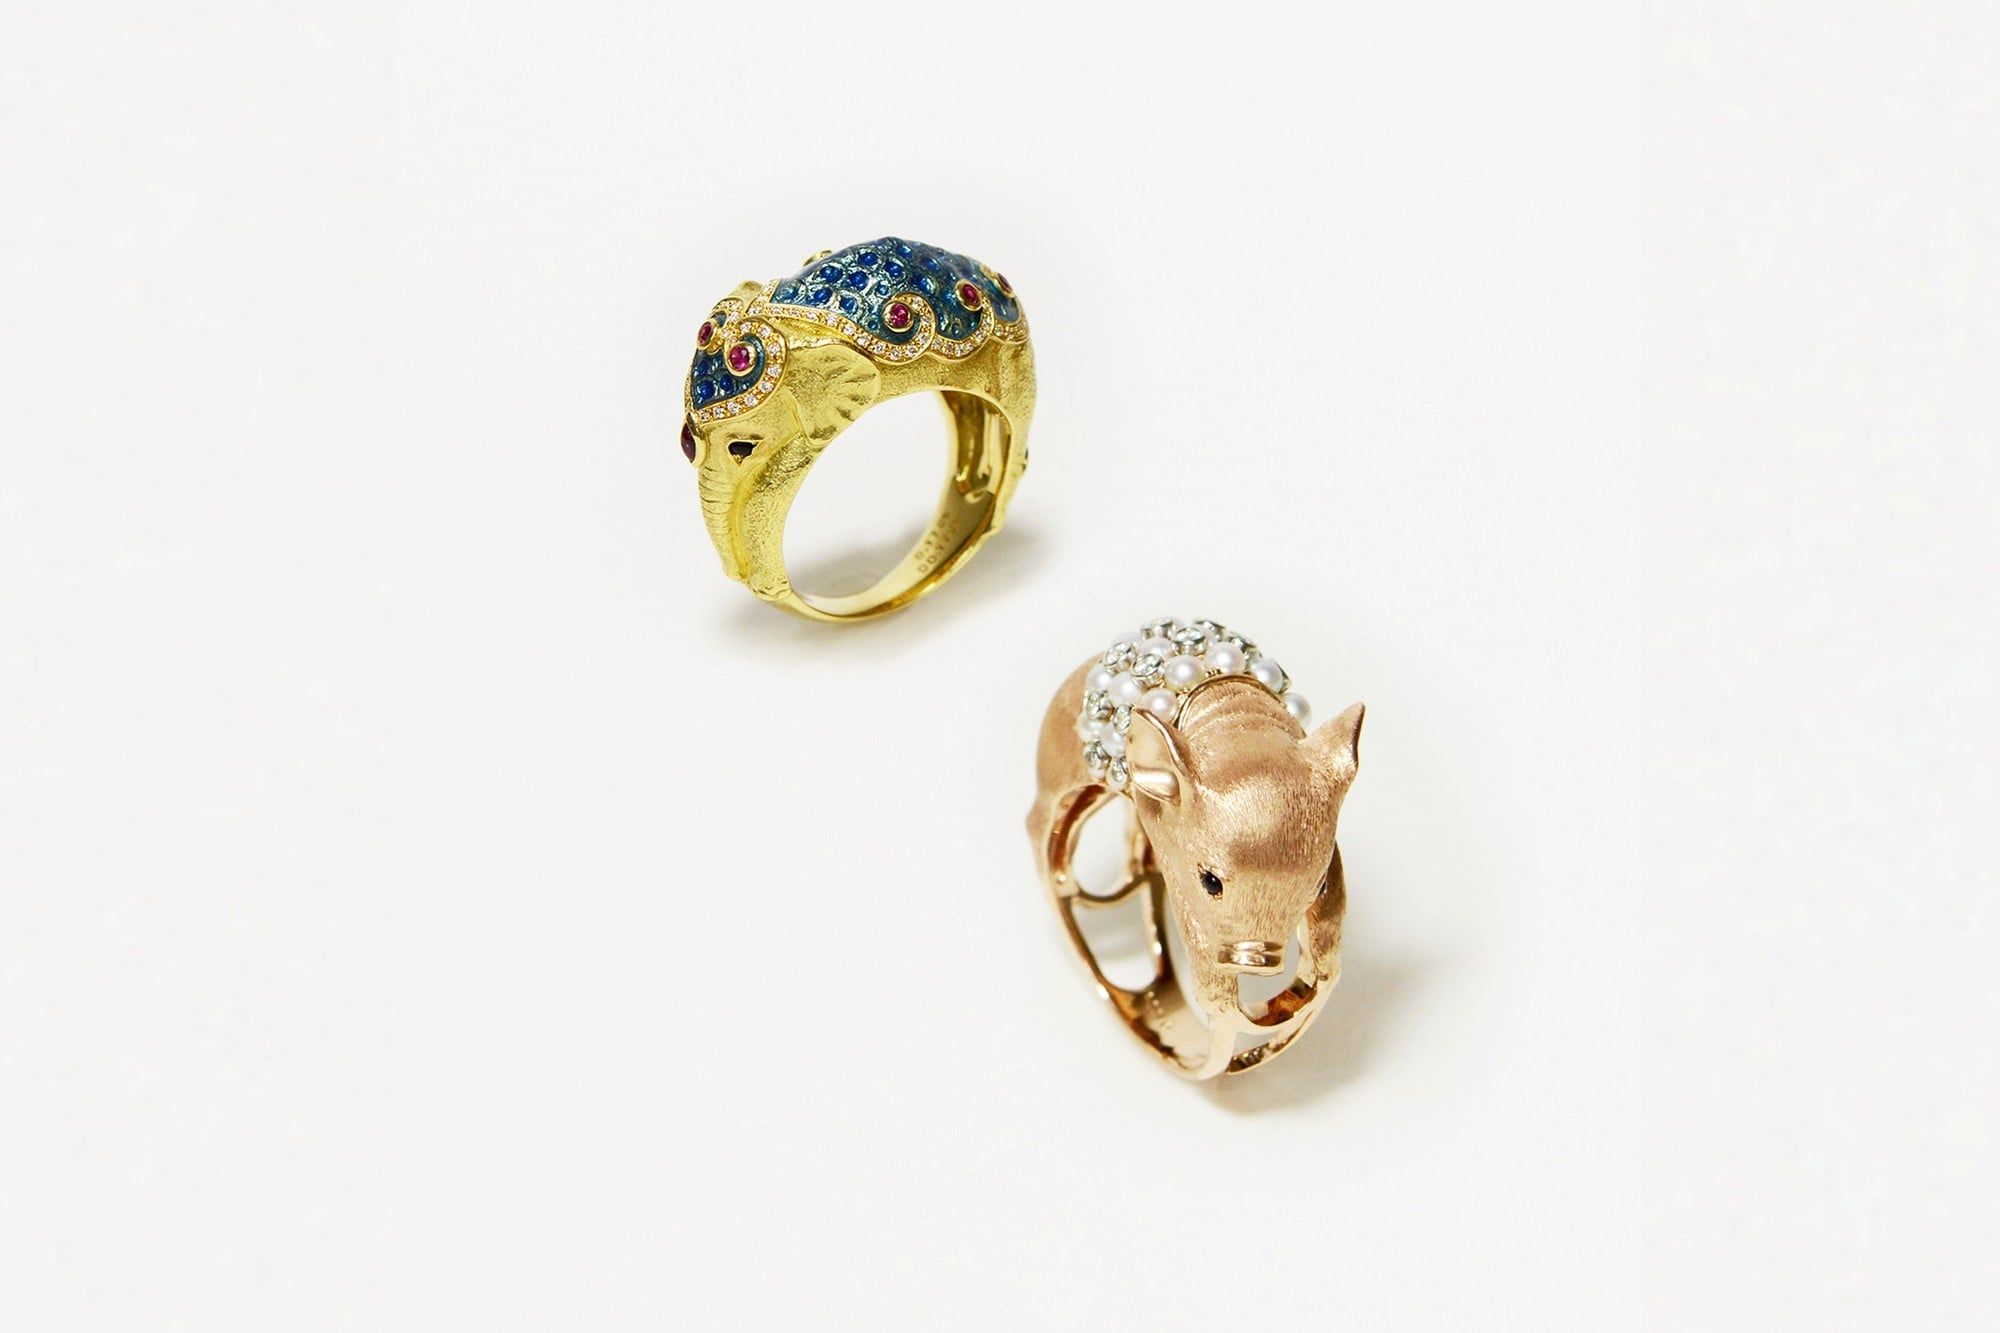 写真左 祭りのための衣装をつけた「ゾウ」リング。K18イエローゴールド・ダイヤモンド・ルビー・エナメル・オニキス。¥1,560,000、 写真右 真珠のタンクトップを着た「ブタ」リング。K18ピンクゴールド・プラチナ・ダイヤモンド・アコヤ真珠・オニキス。¥1,950,000 ともに税別